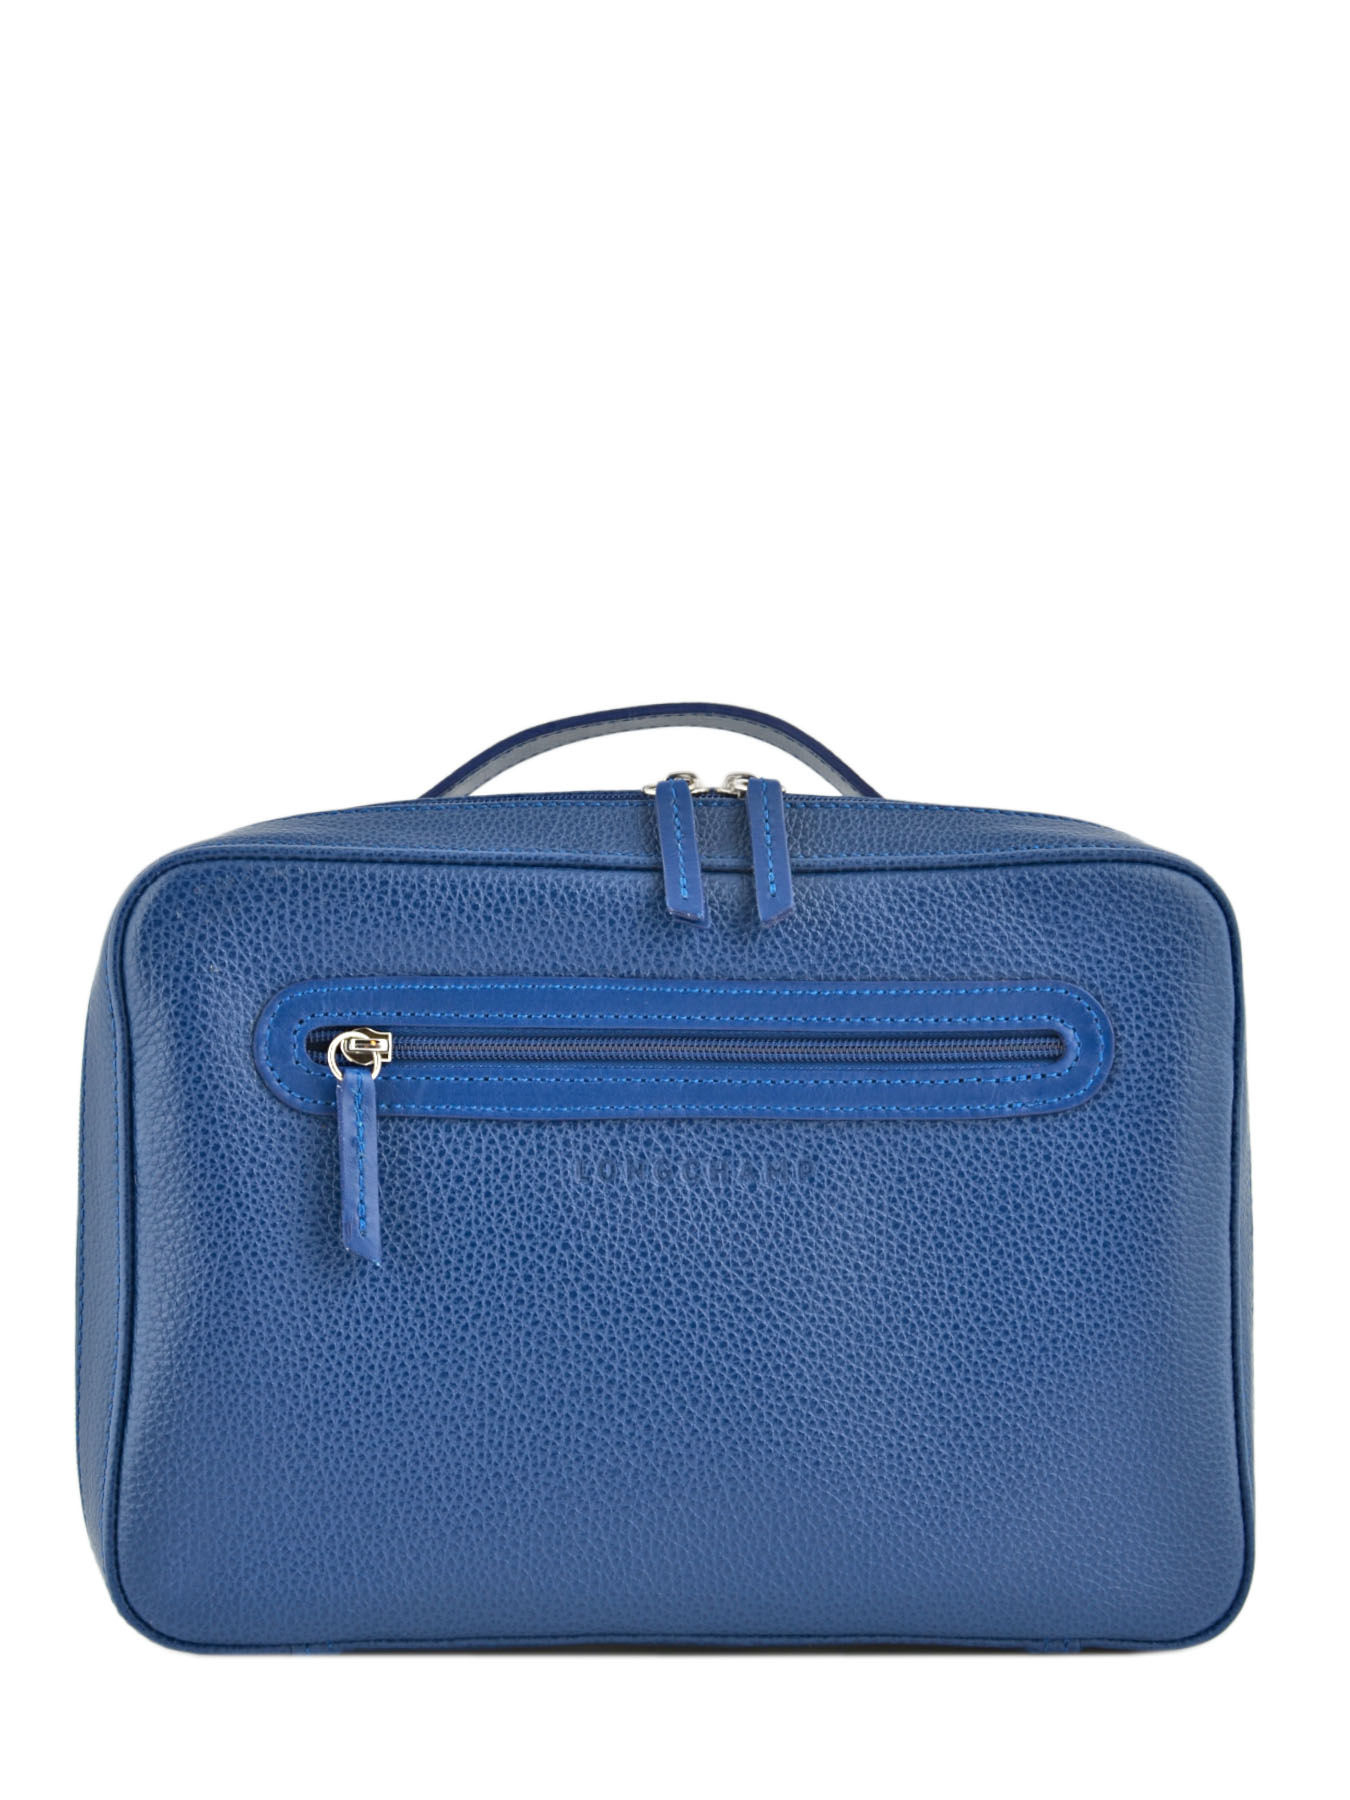 Trousses De Toilette Longchamp 1033021 Bleu Sur Edisac encequiconcerne Trousse De Toilette Homme Longchamp